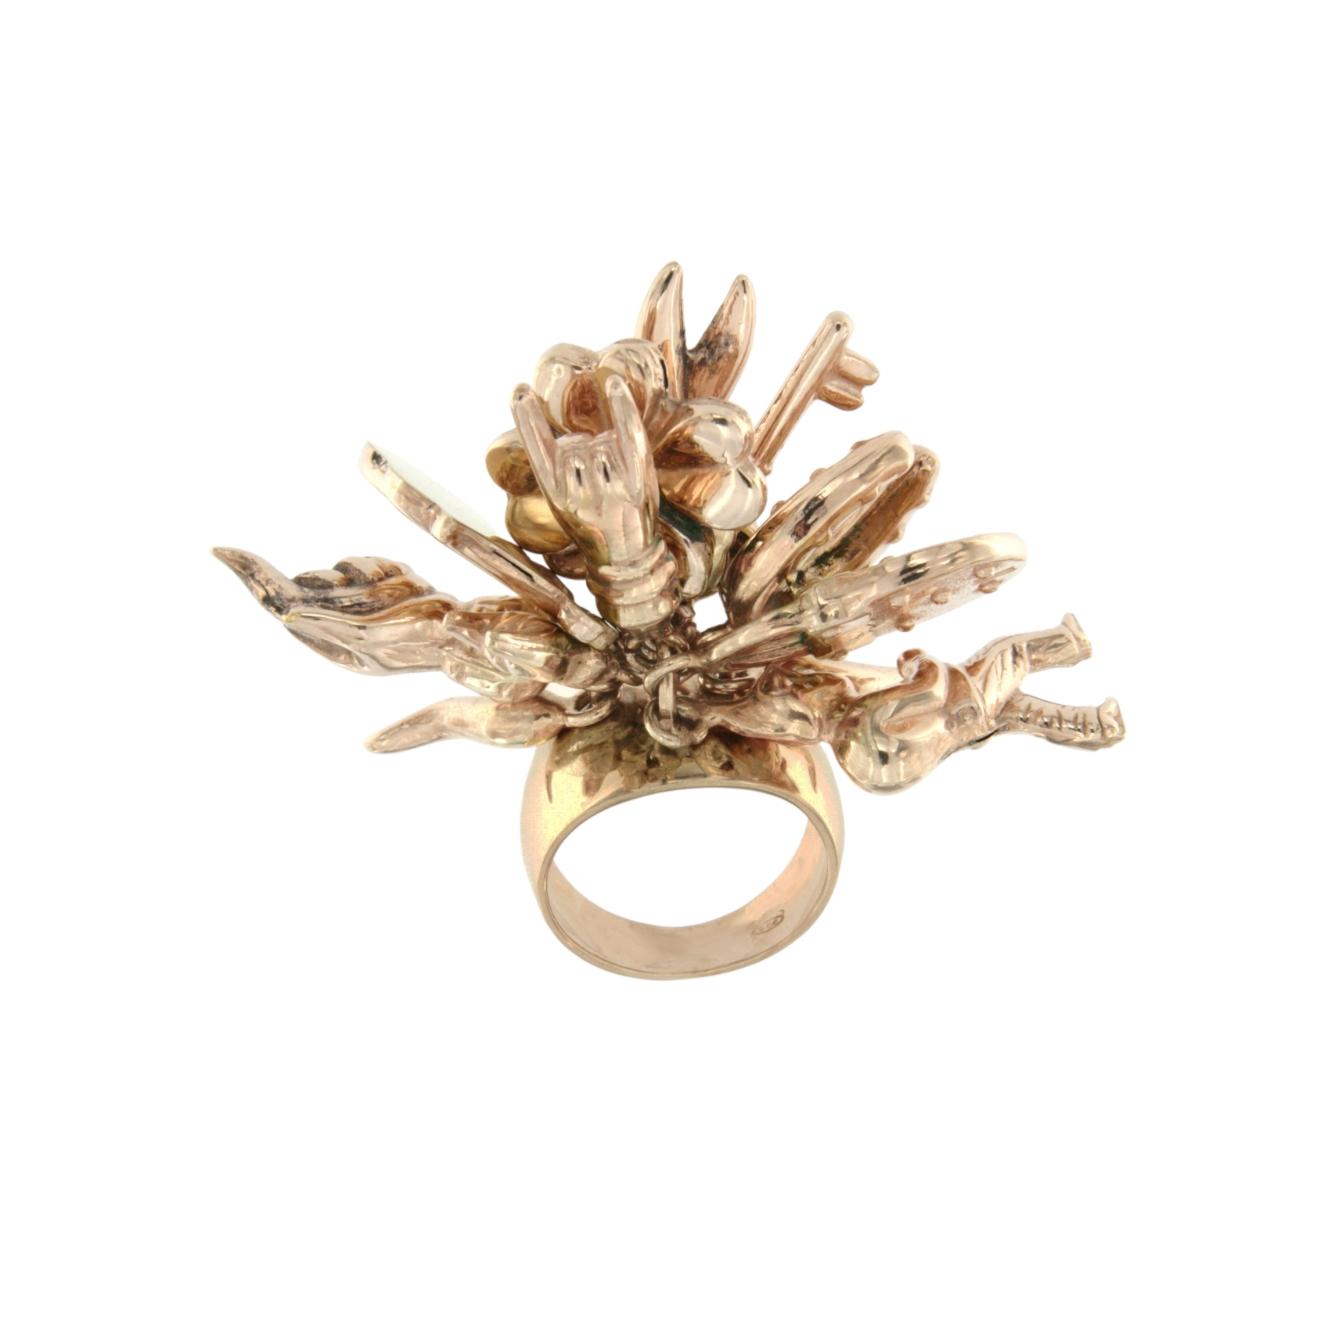 De Maria anello fortuna in argento 925 placato oro rosa e giallo con charms argento e rubini luky charms ring